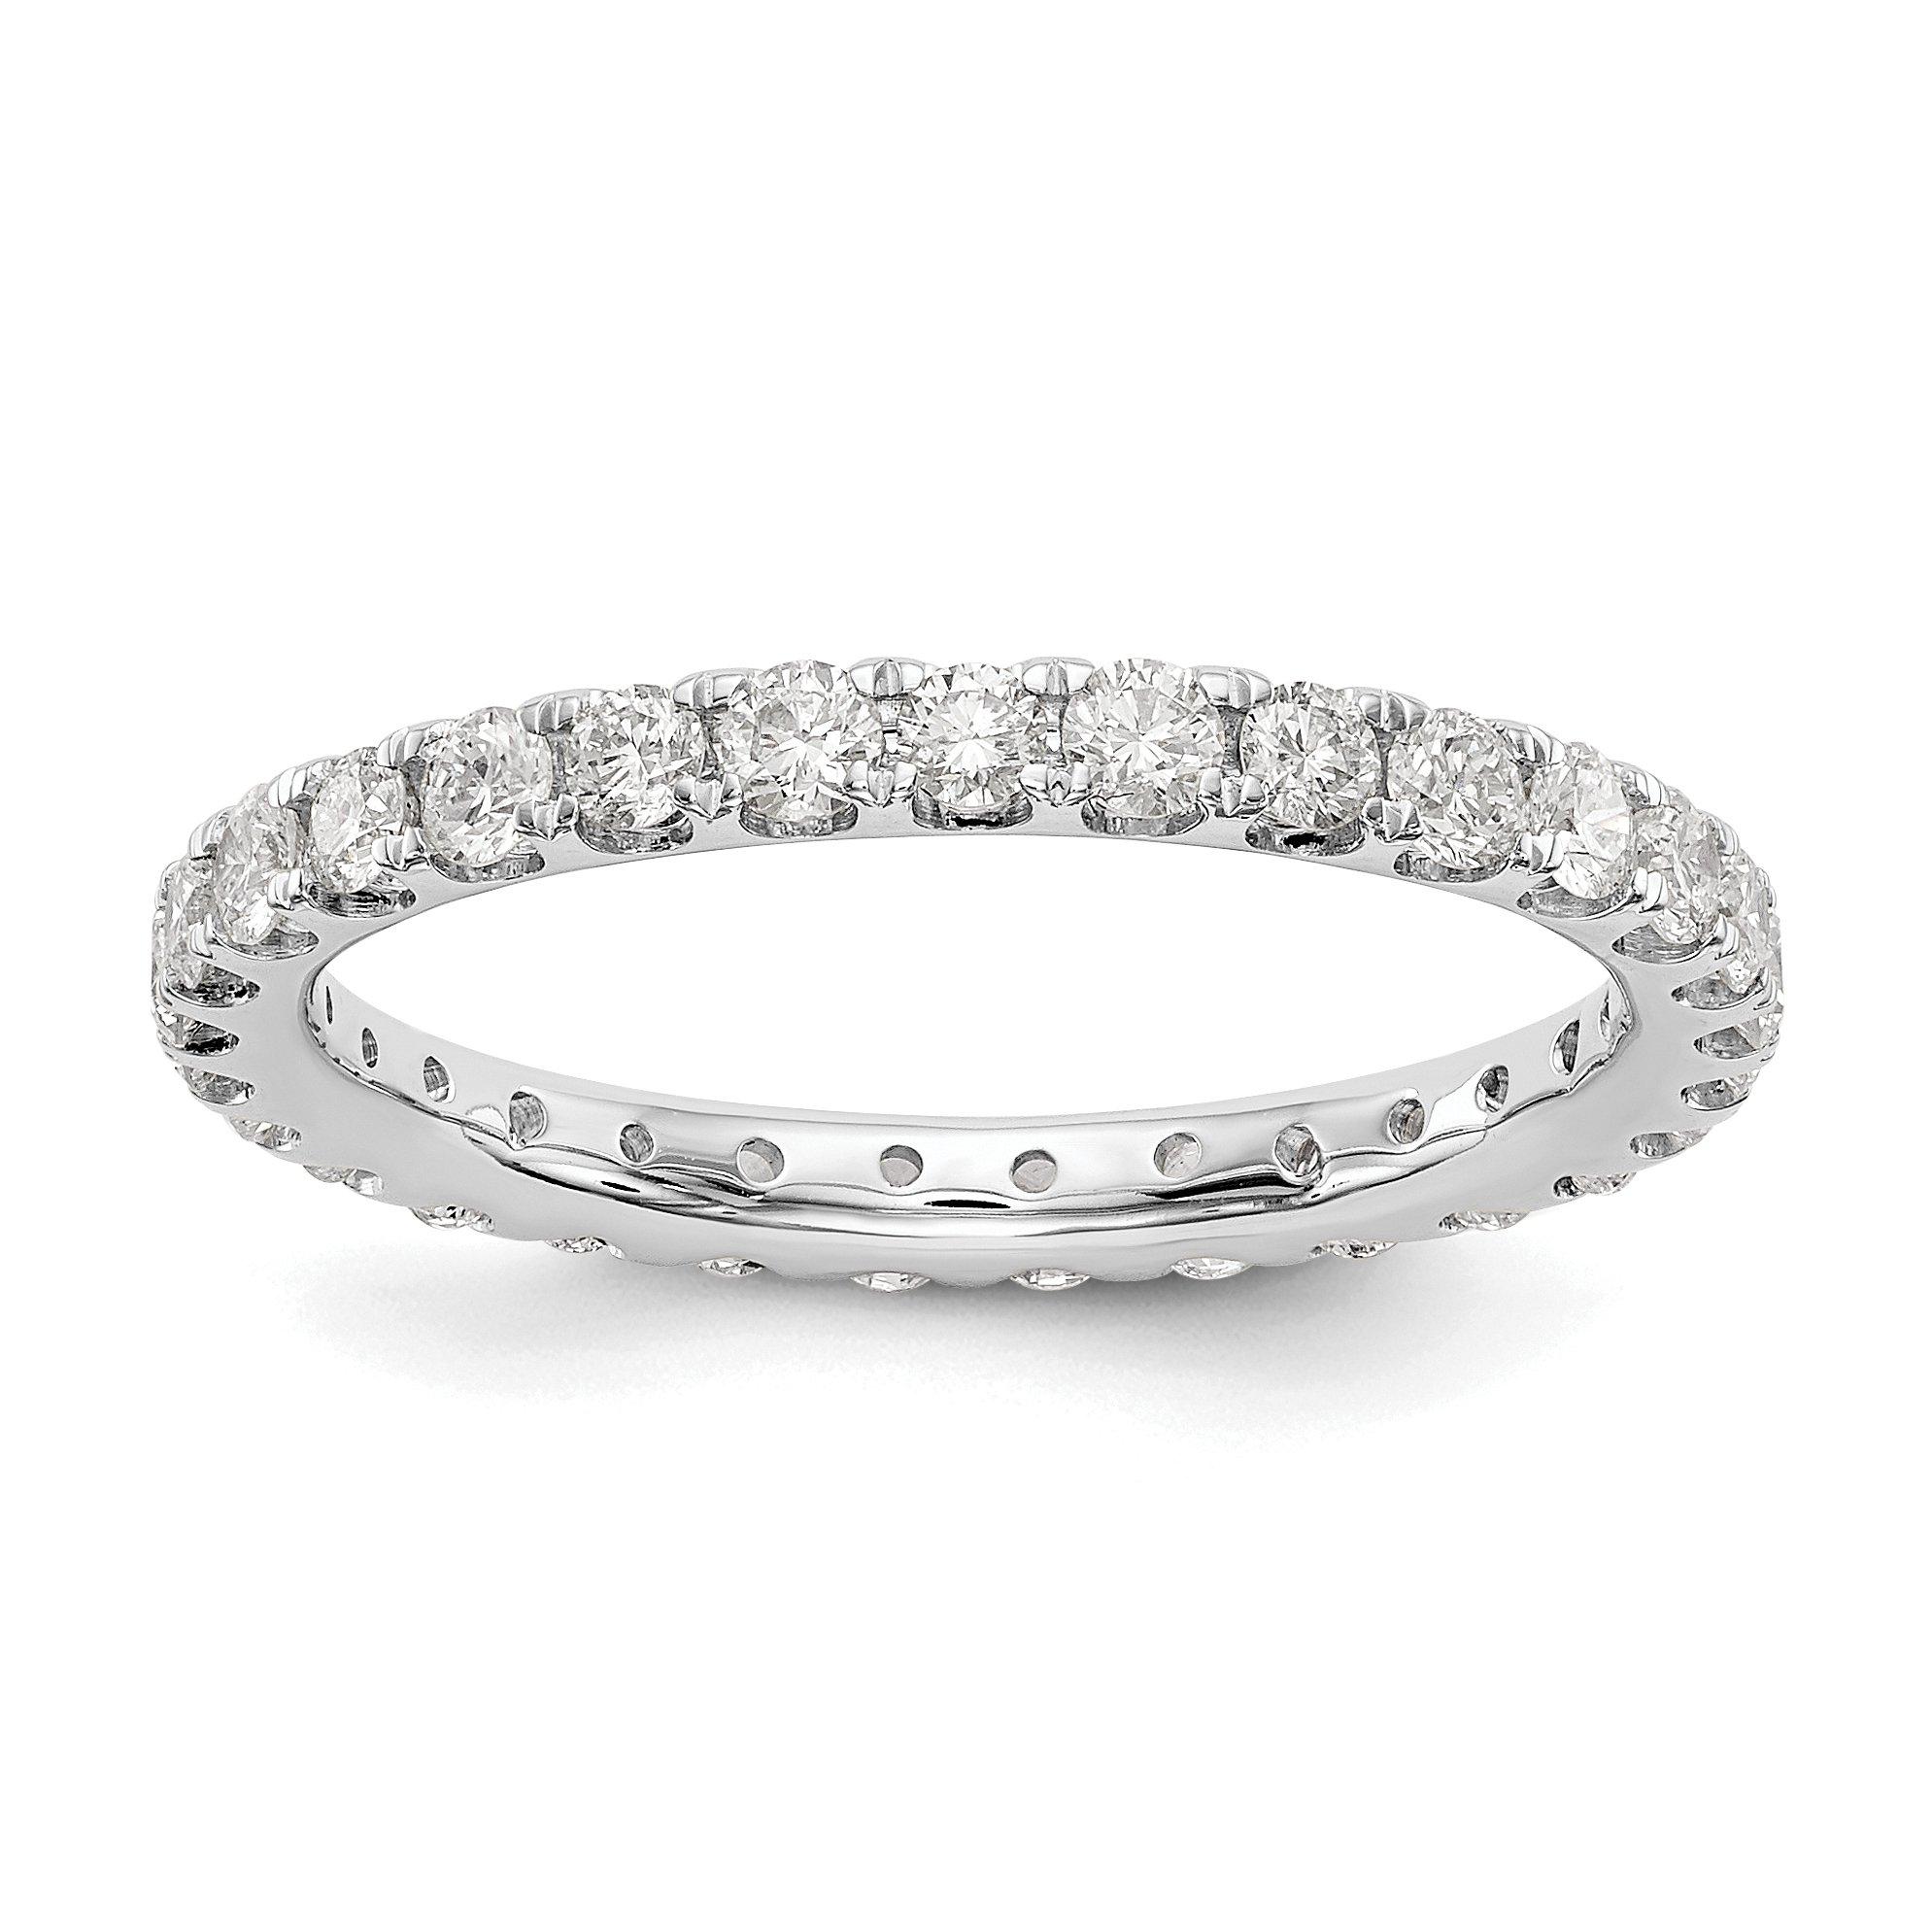 14k White Gold True Origin Lab-Grown Diamond Eternity Band Ring, VS/E- 1.05 cttw